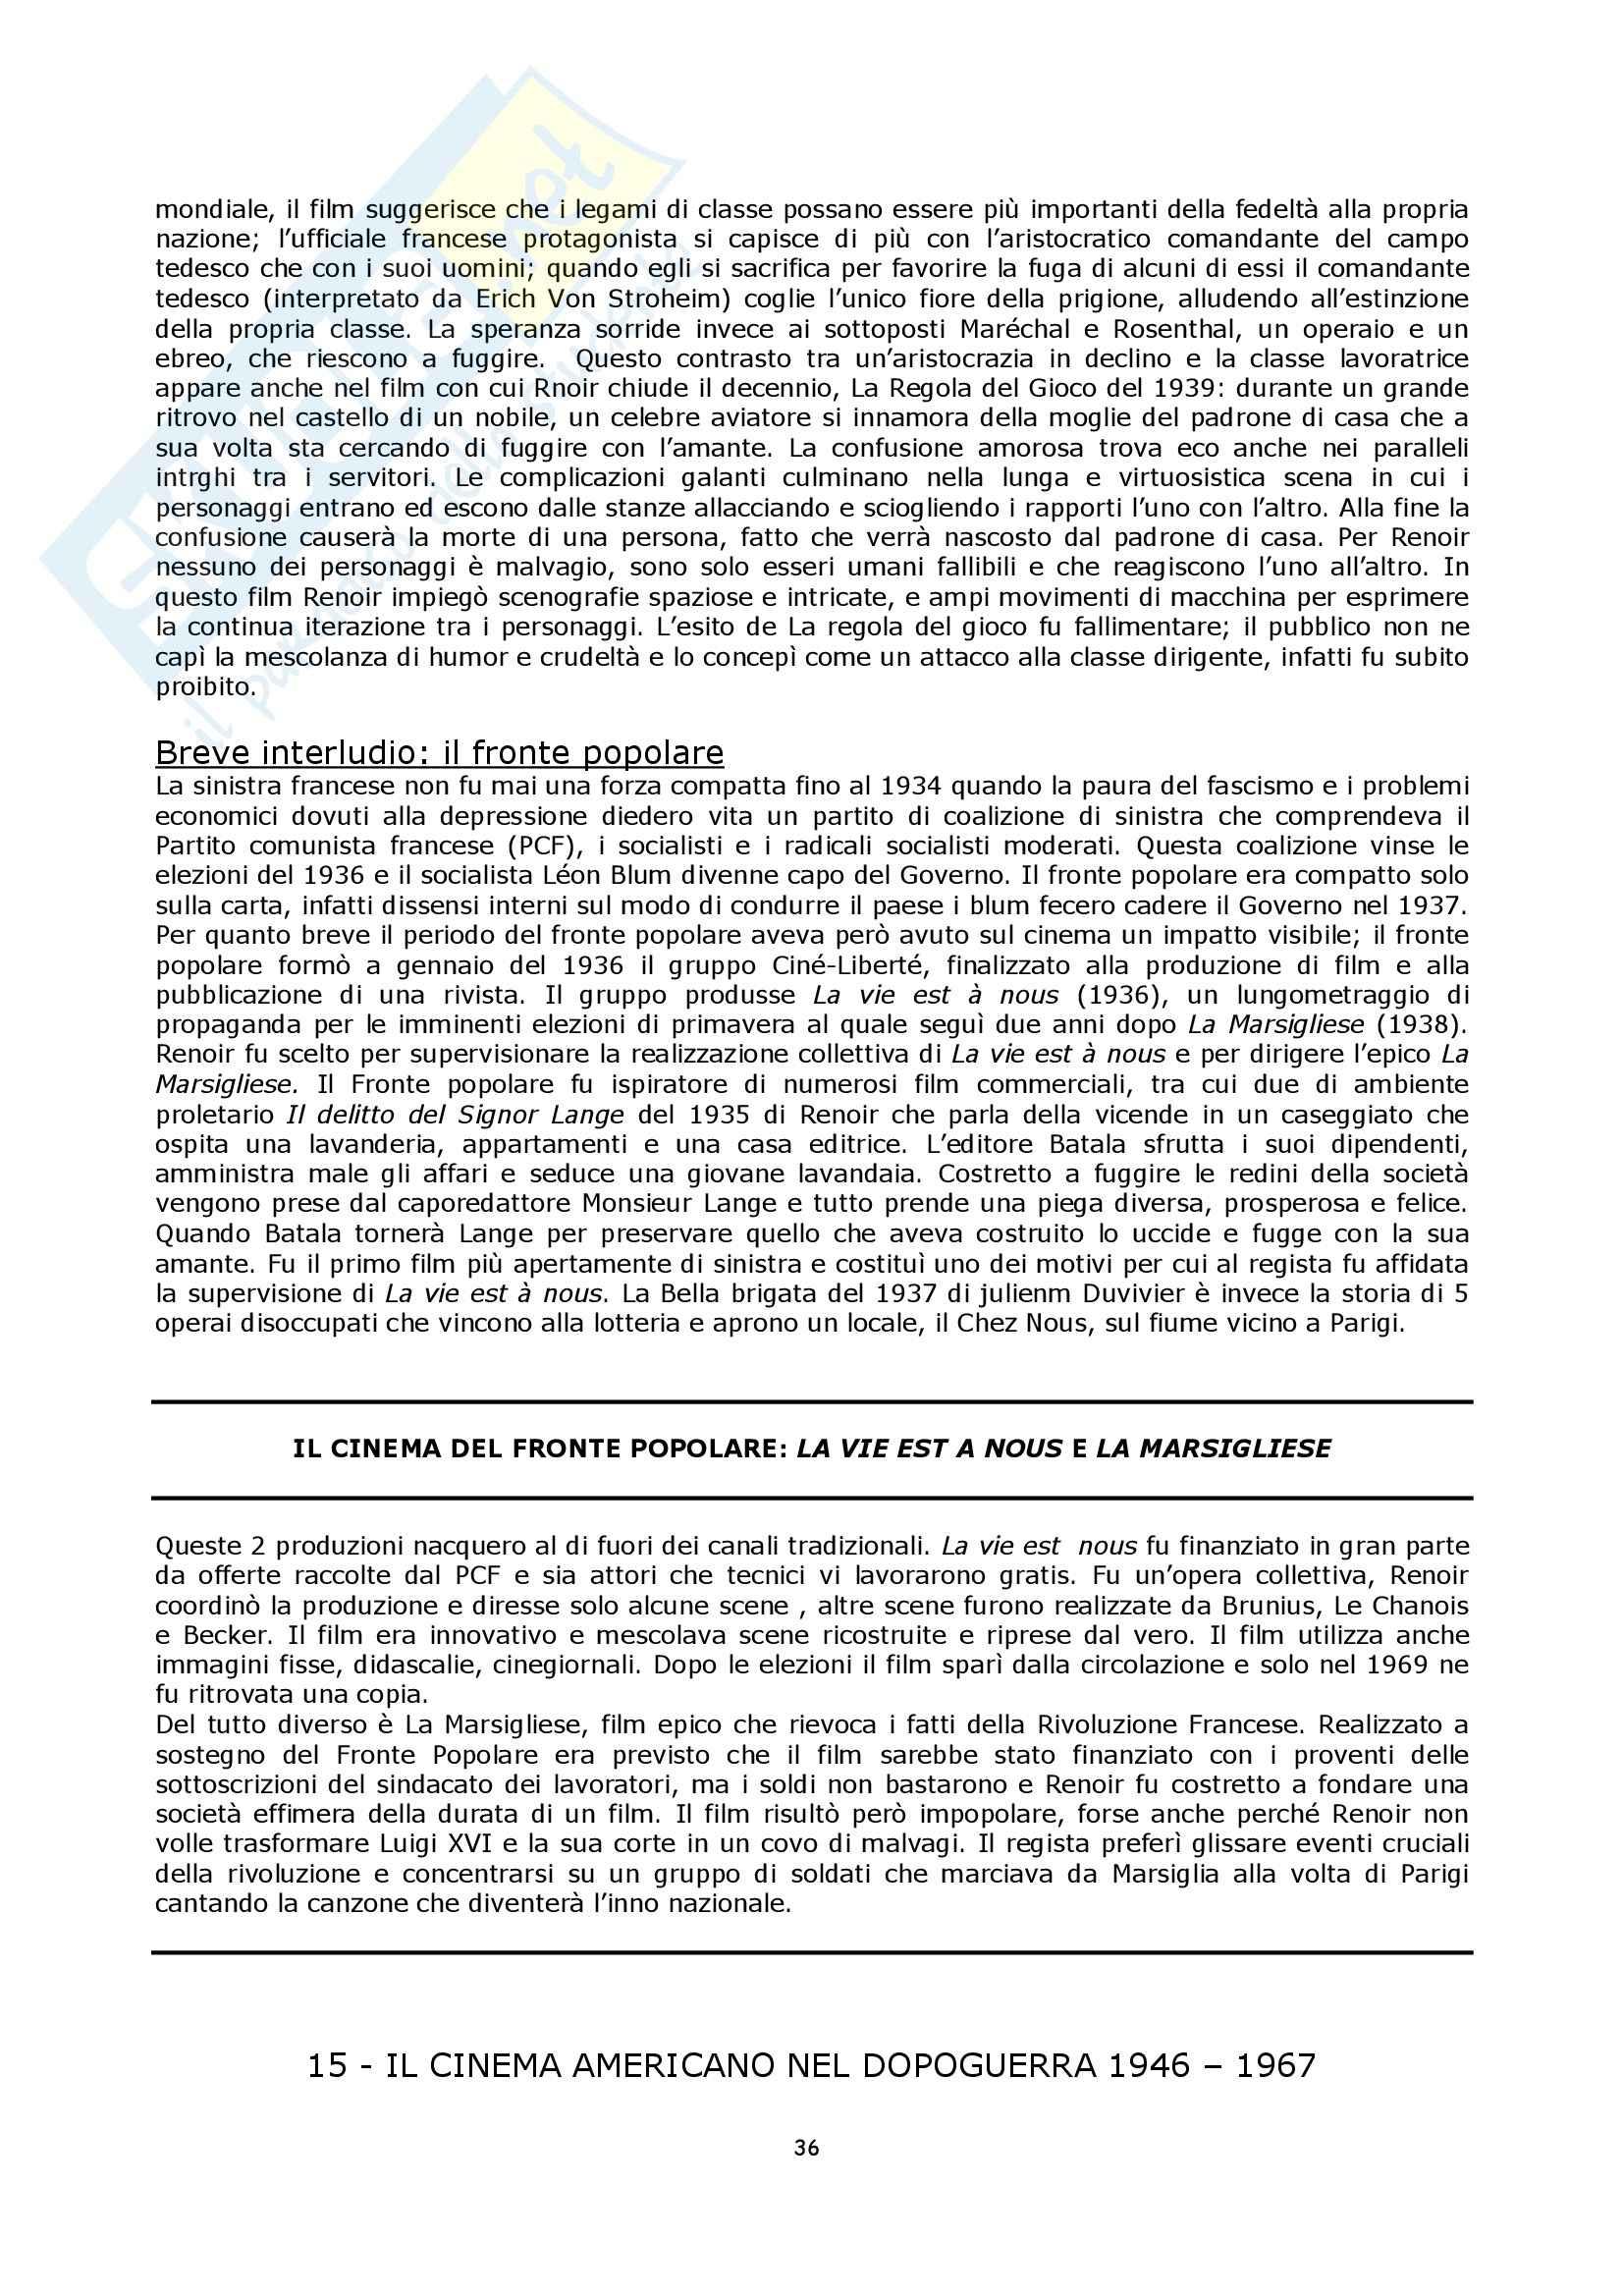 Semiologia del cinema - Bordwell storia del cinema Pag. 36